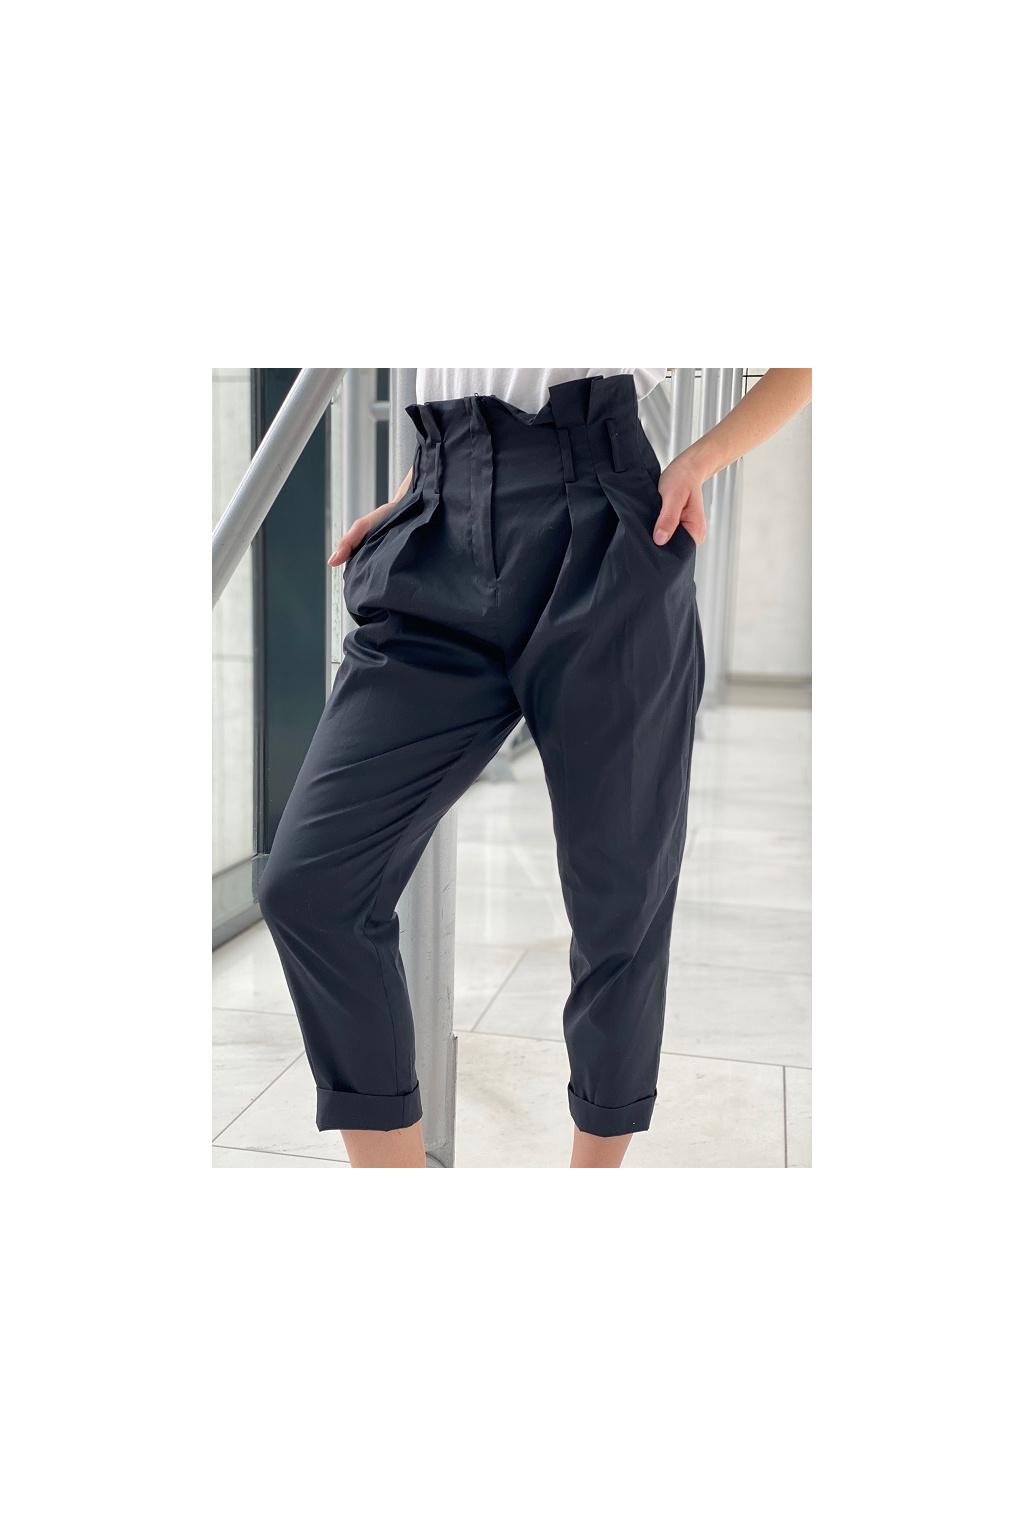 Dámské kalhoty Twinset 211MT2262 černé 0